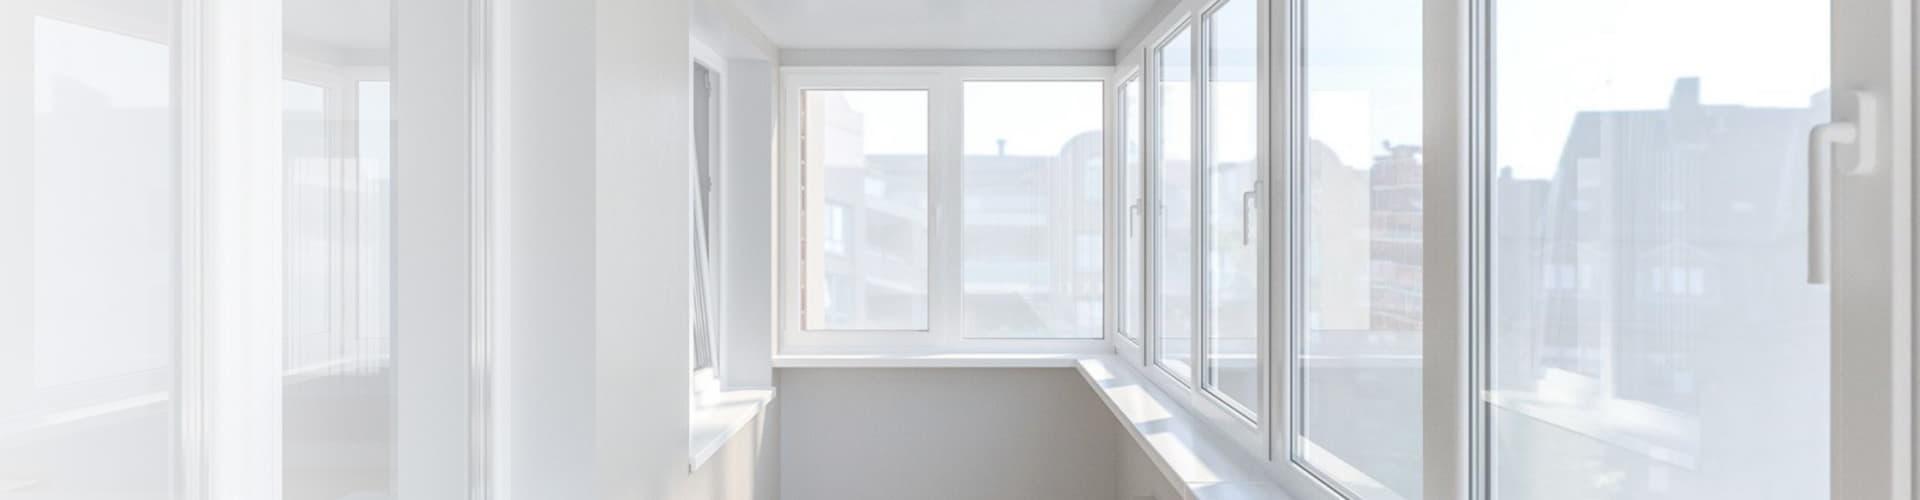 остекление балкона в спб фото